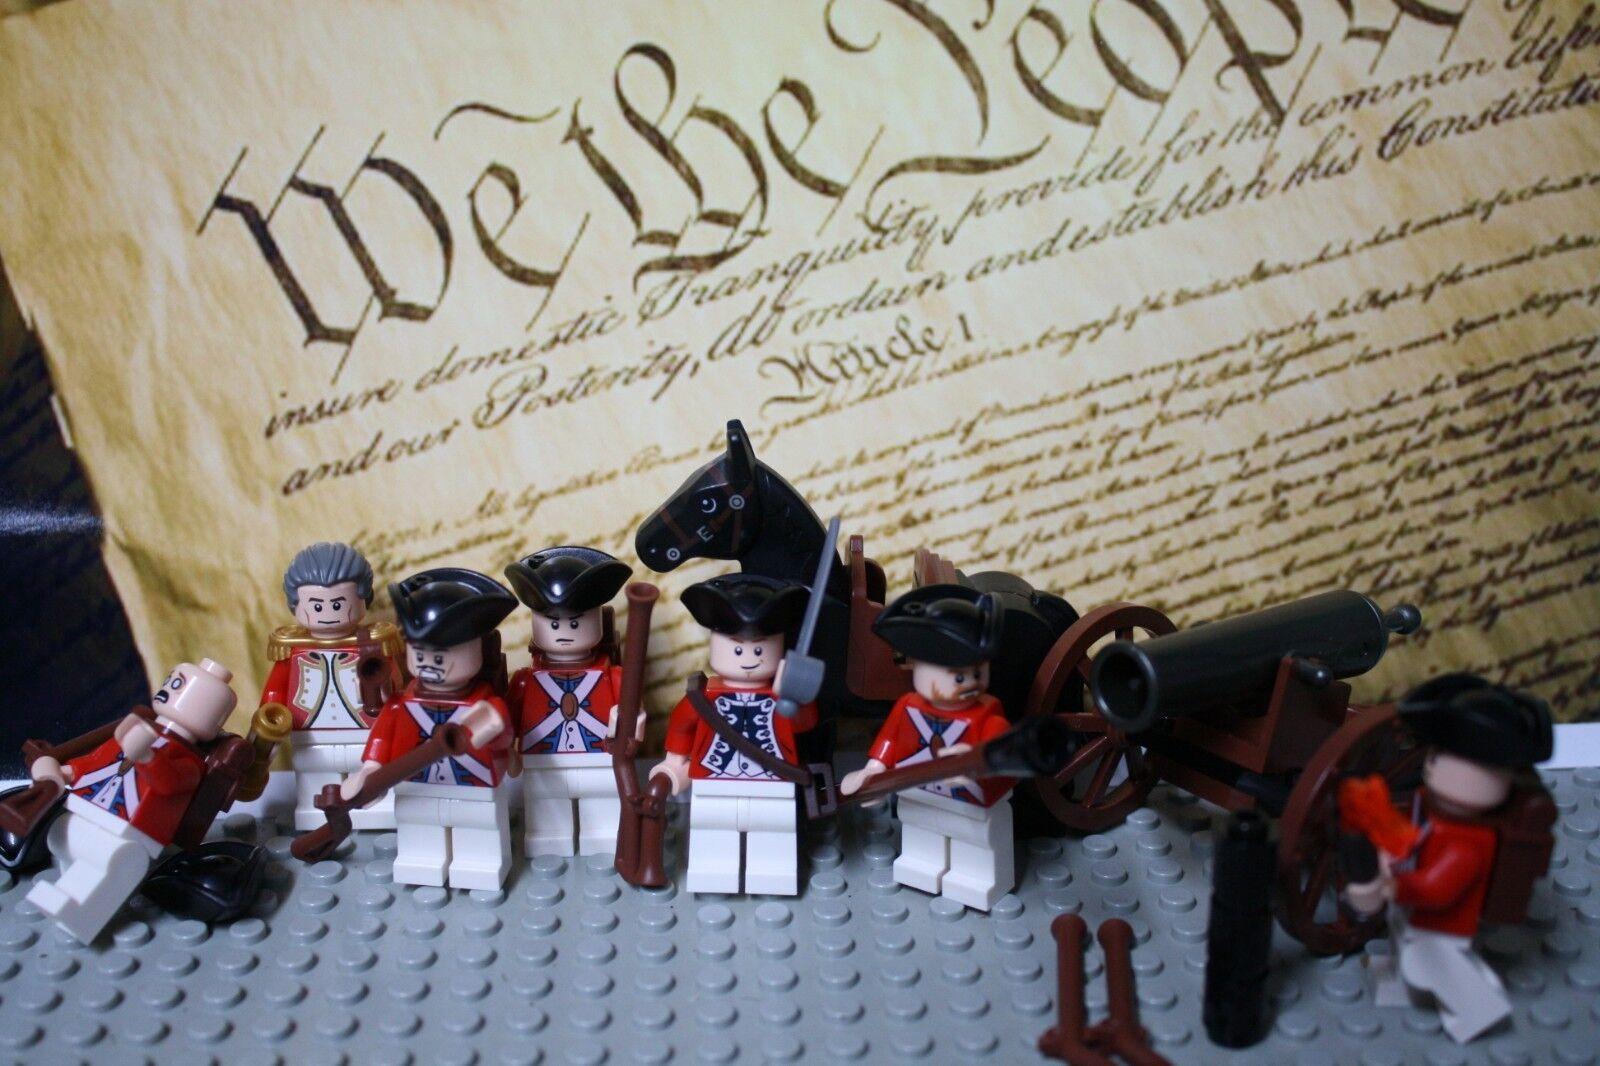 Lego guerra revolucionaria casaca roja soldados británicos nuevo 100% Genuine Lego Leer